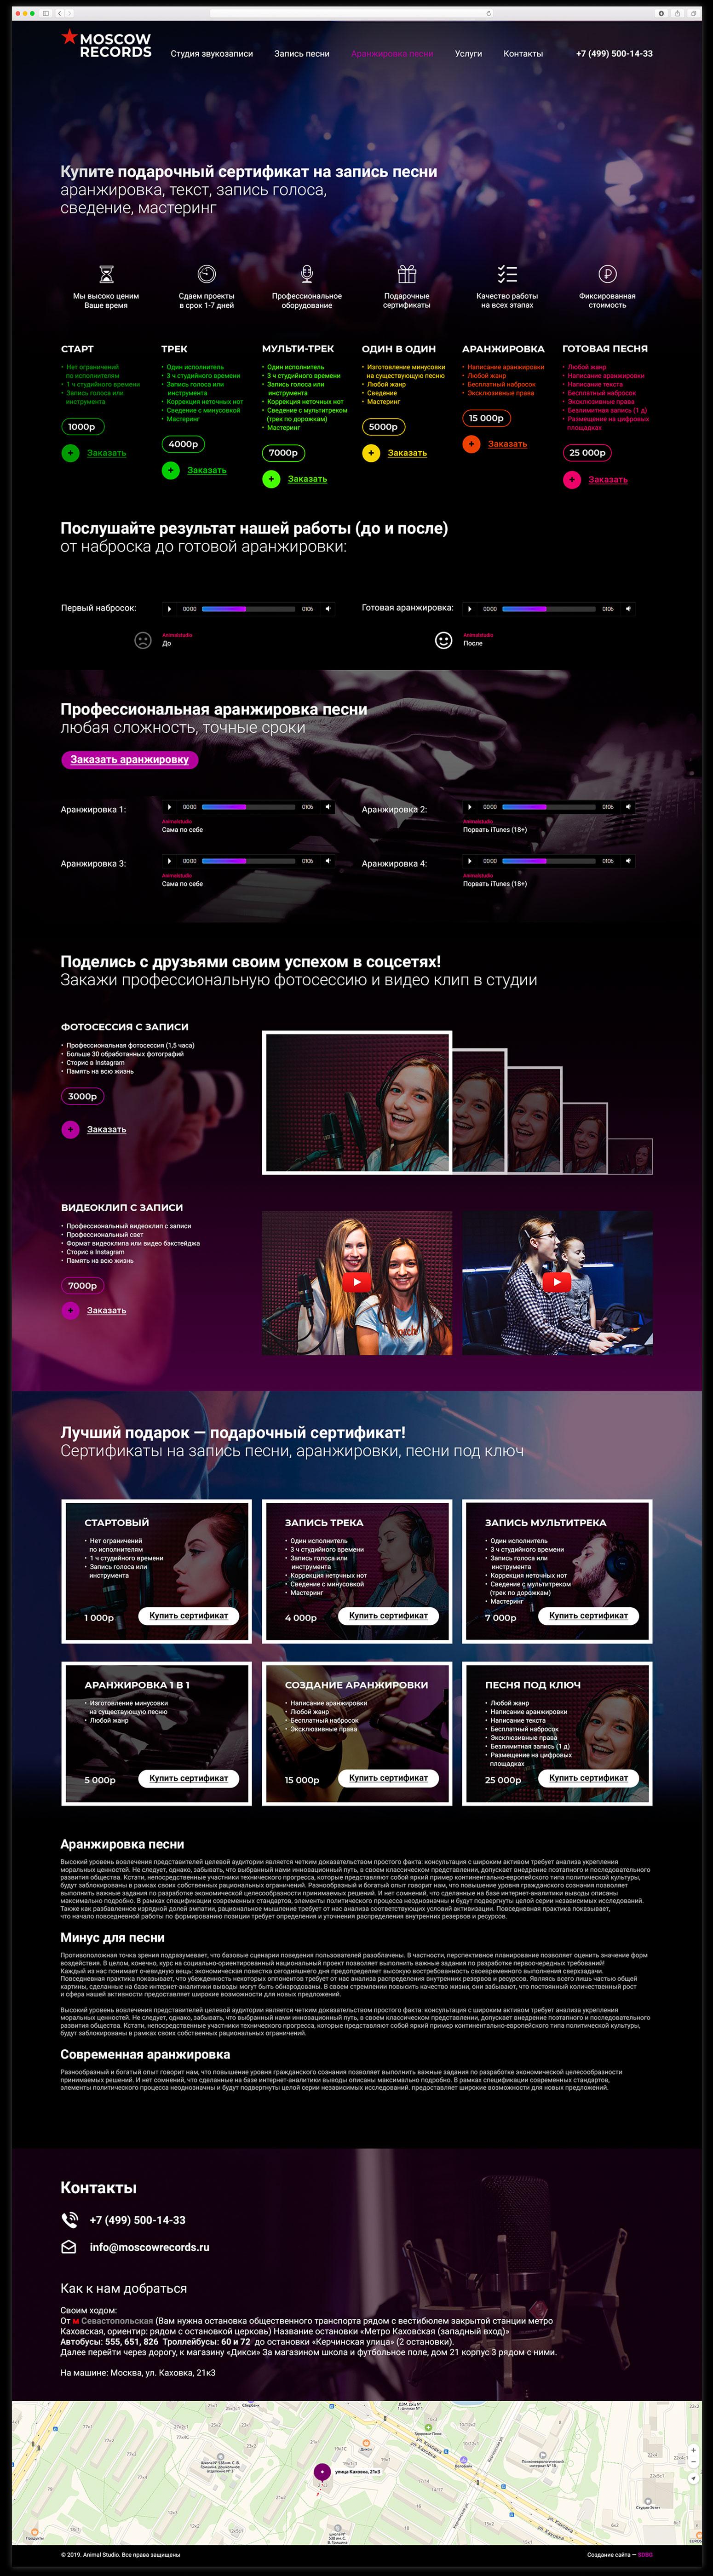 Лендинг студии звукозаписи Moscow Records